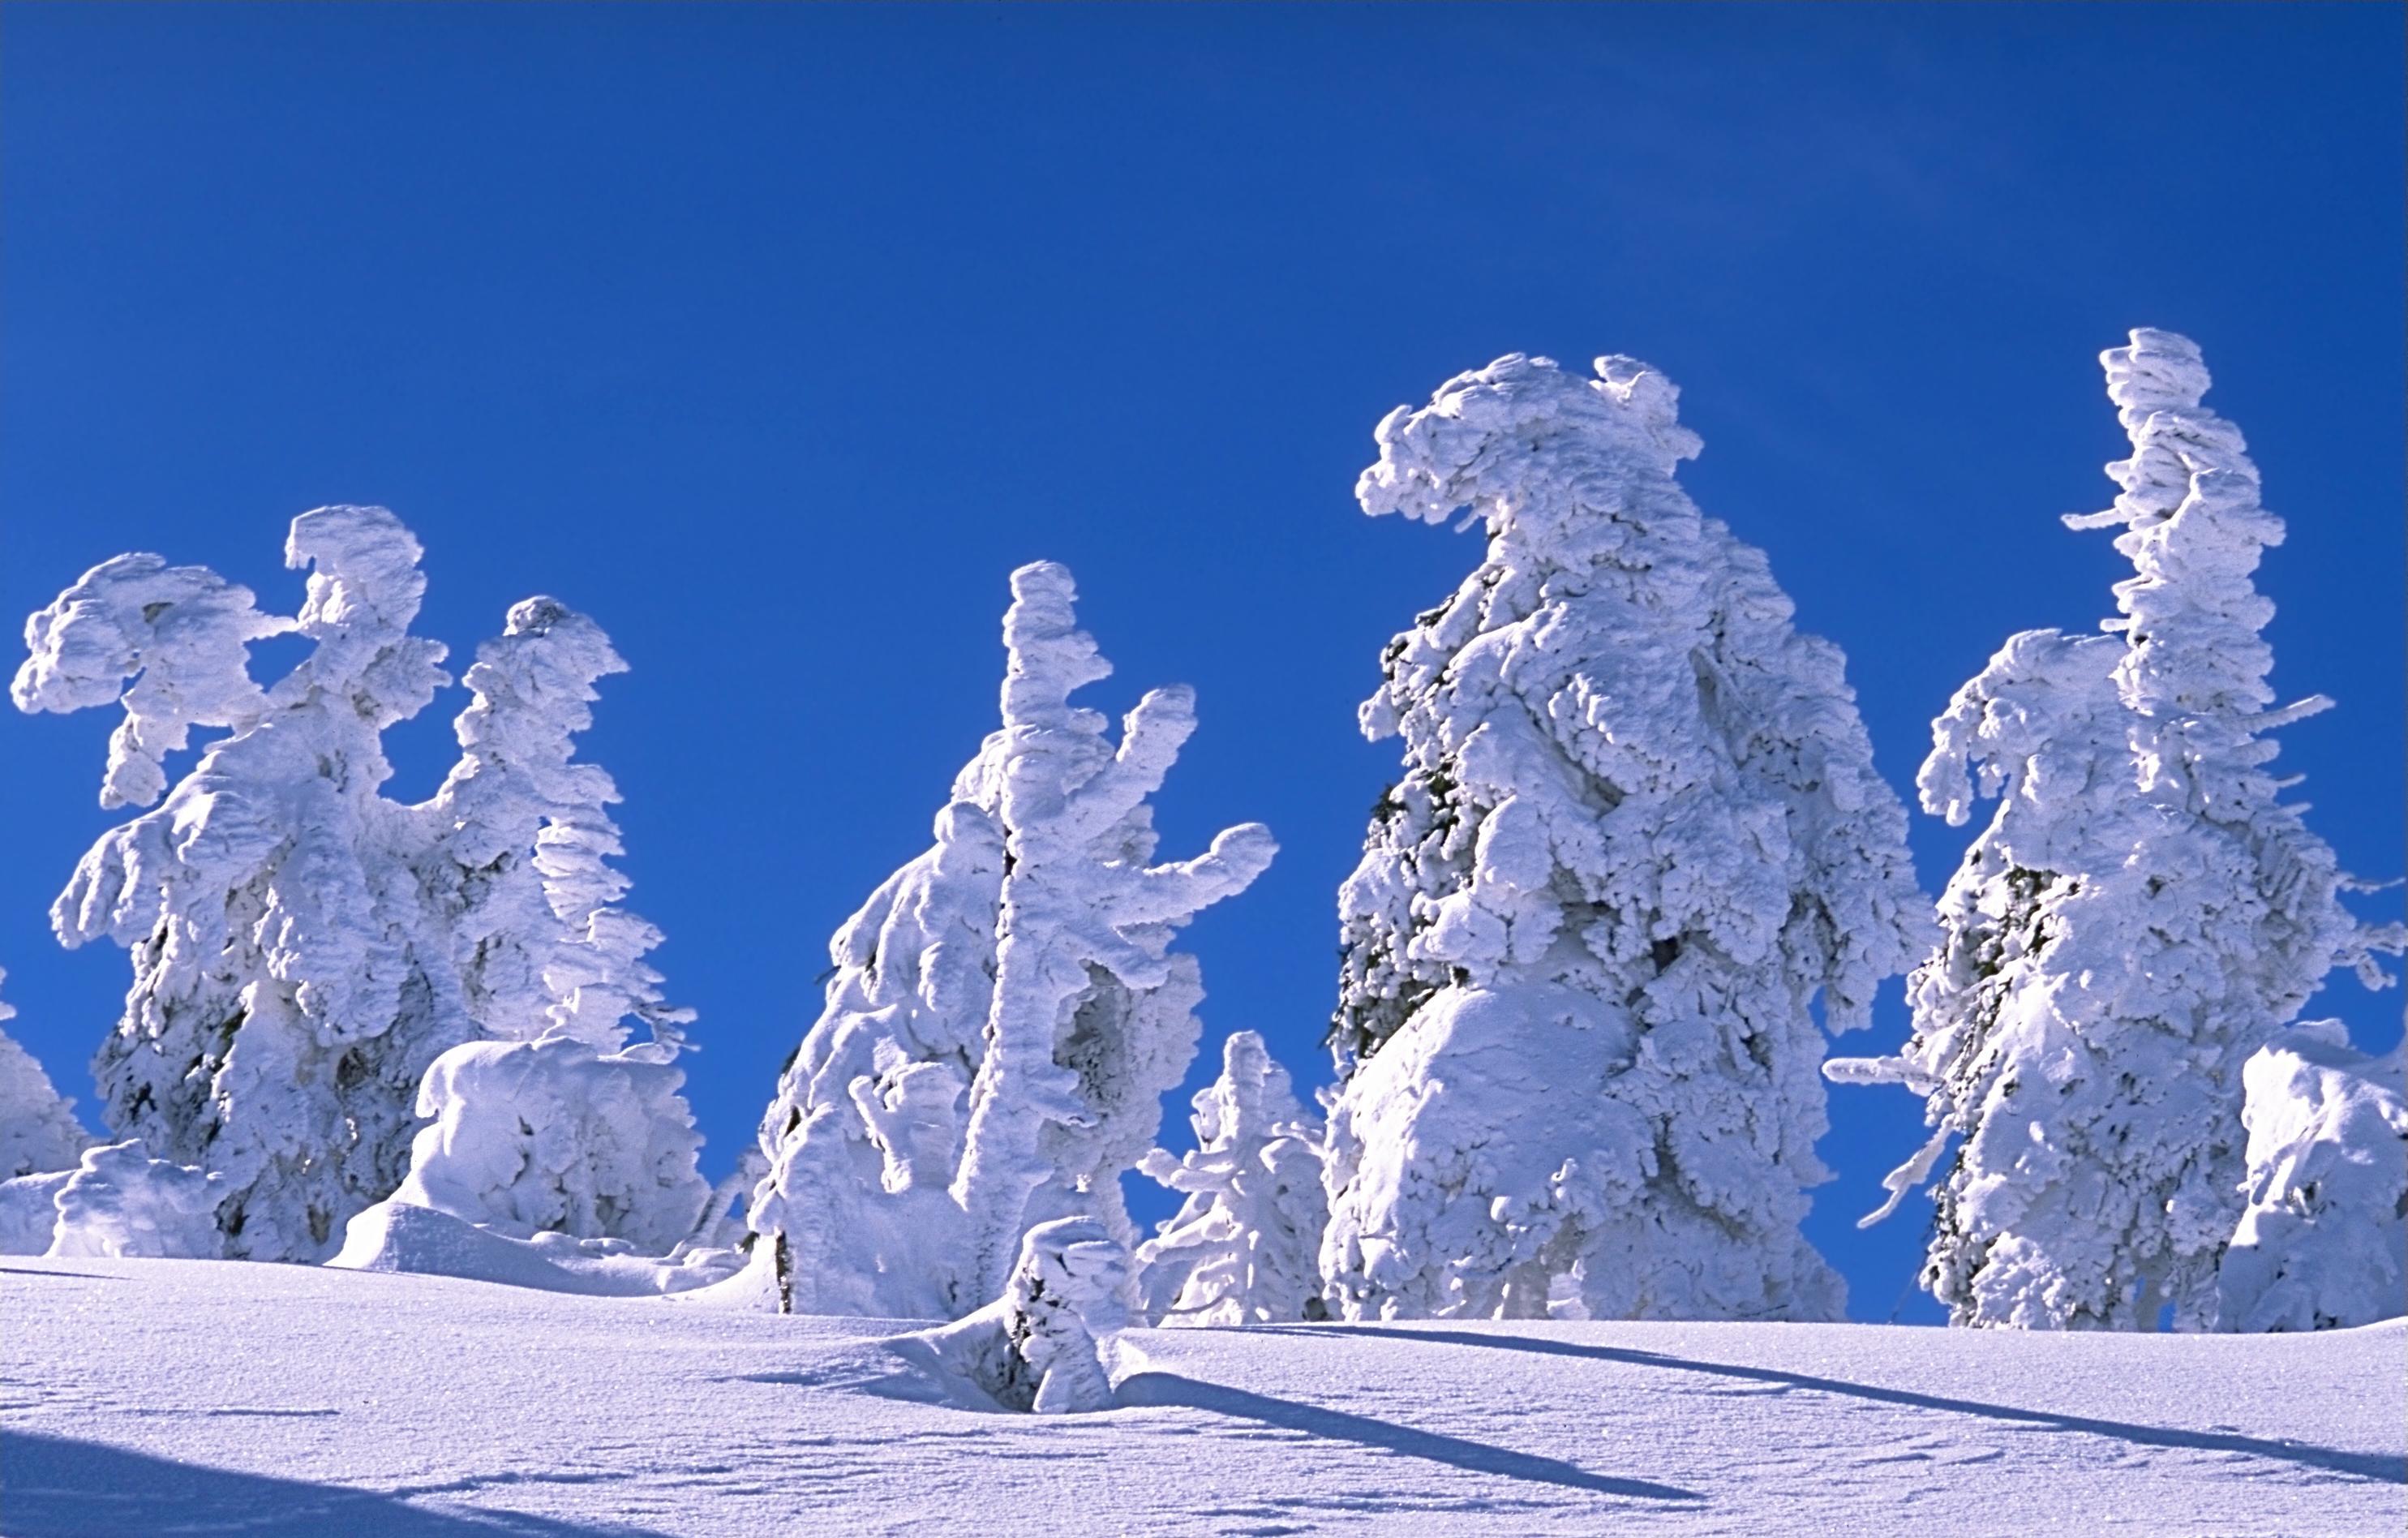 Snowy trees on mount Brocken, Harz, Germany